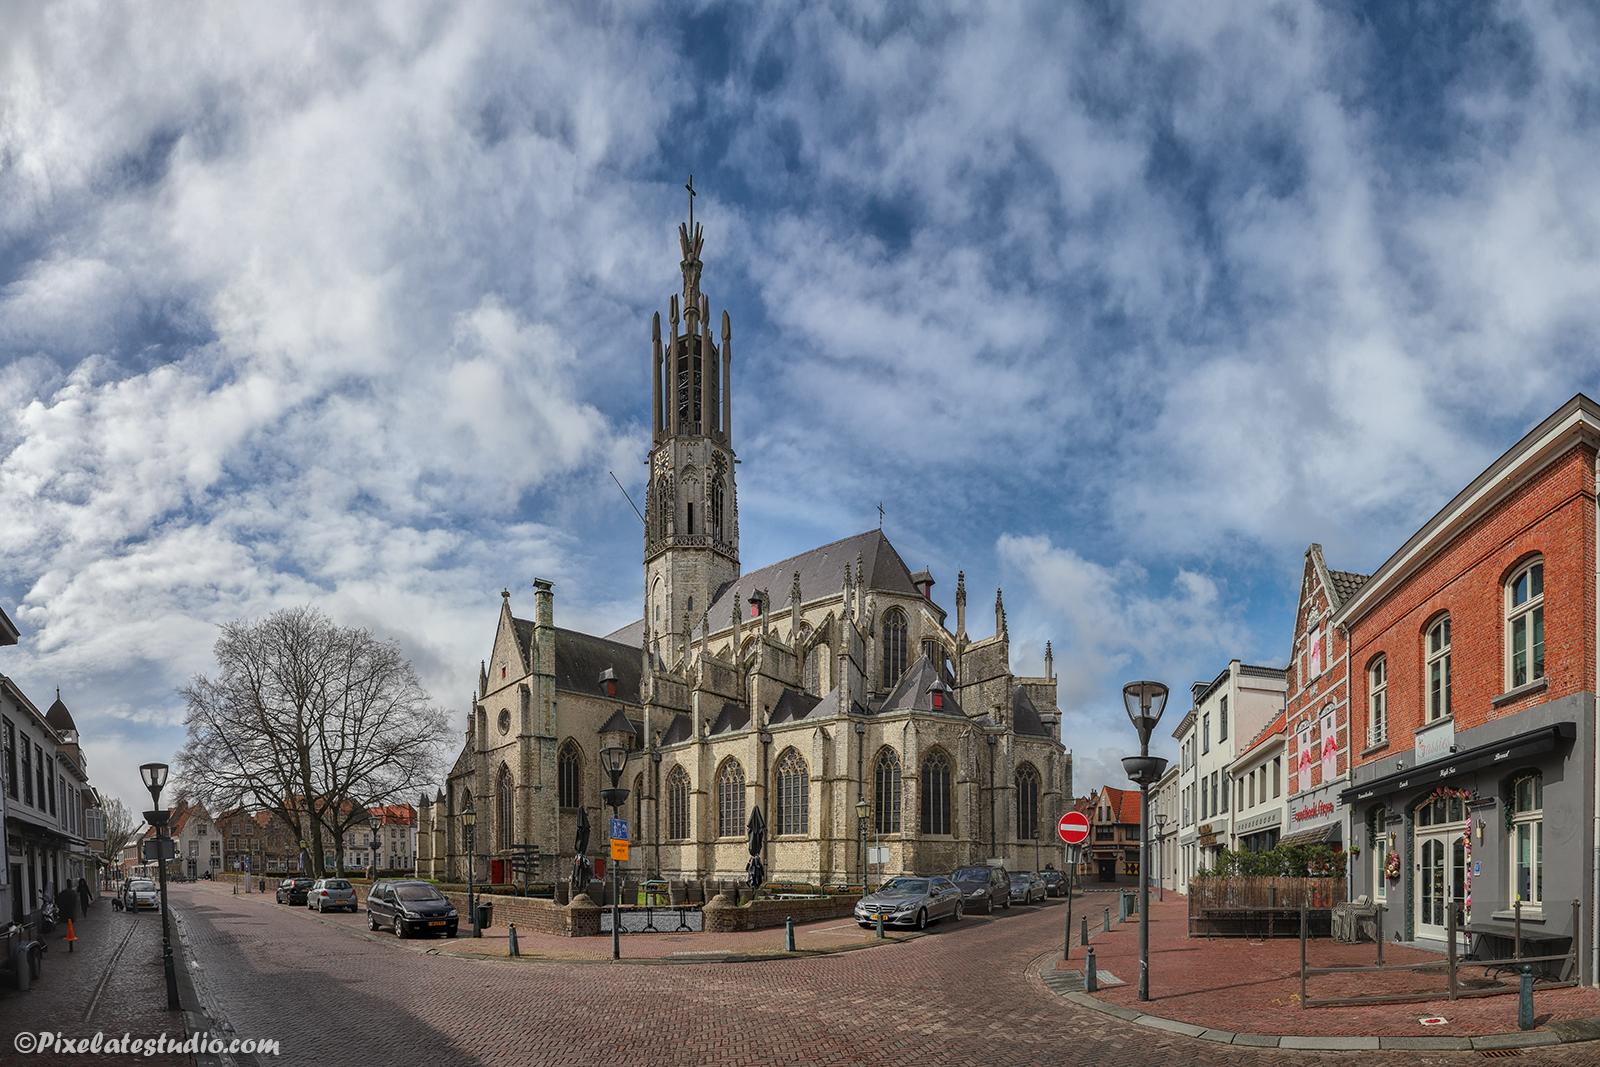 mooie foto van Hulst, mooie foto van de Sint-Willibrordusbasiliek